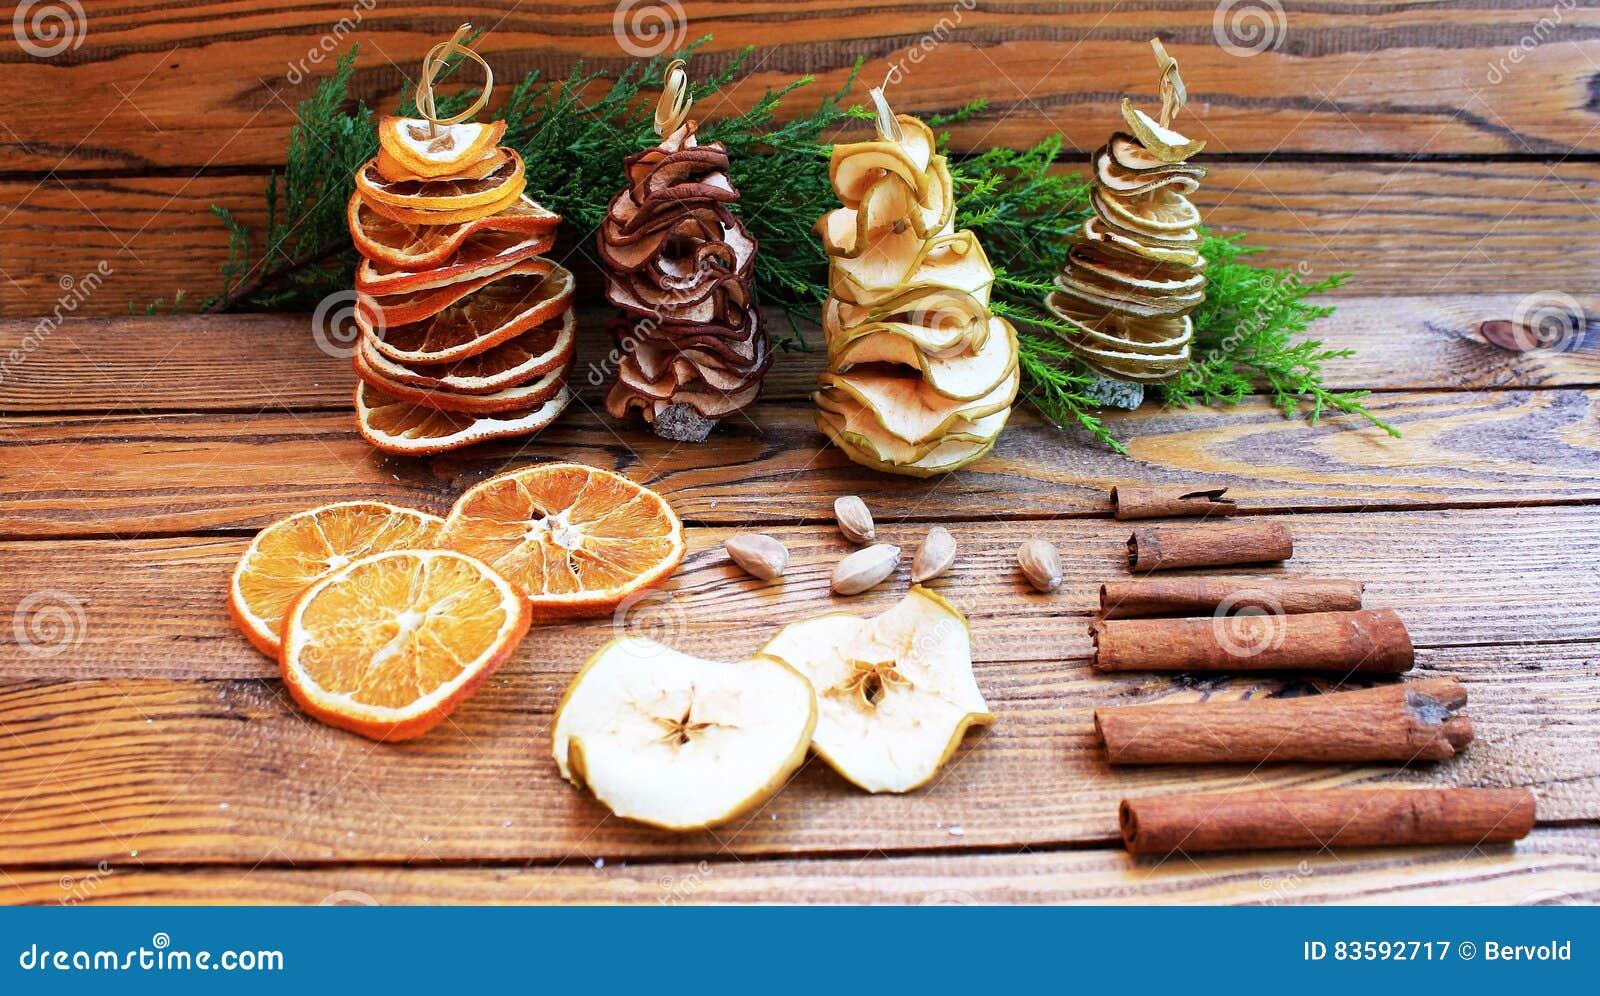 Decorazioni Natalizie Con Frutta Secca.Decorazioni Di Inverno Con Frutta Secca Ed Agrume Thuja E Candele Immagine Stock Immagine Di Inverno Candele 83592717